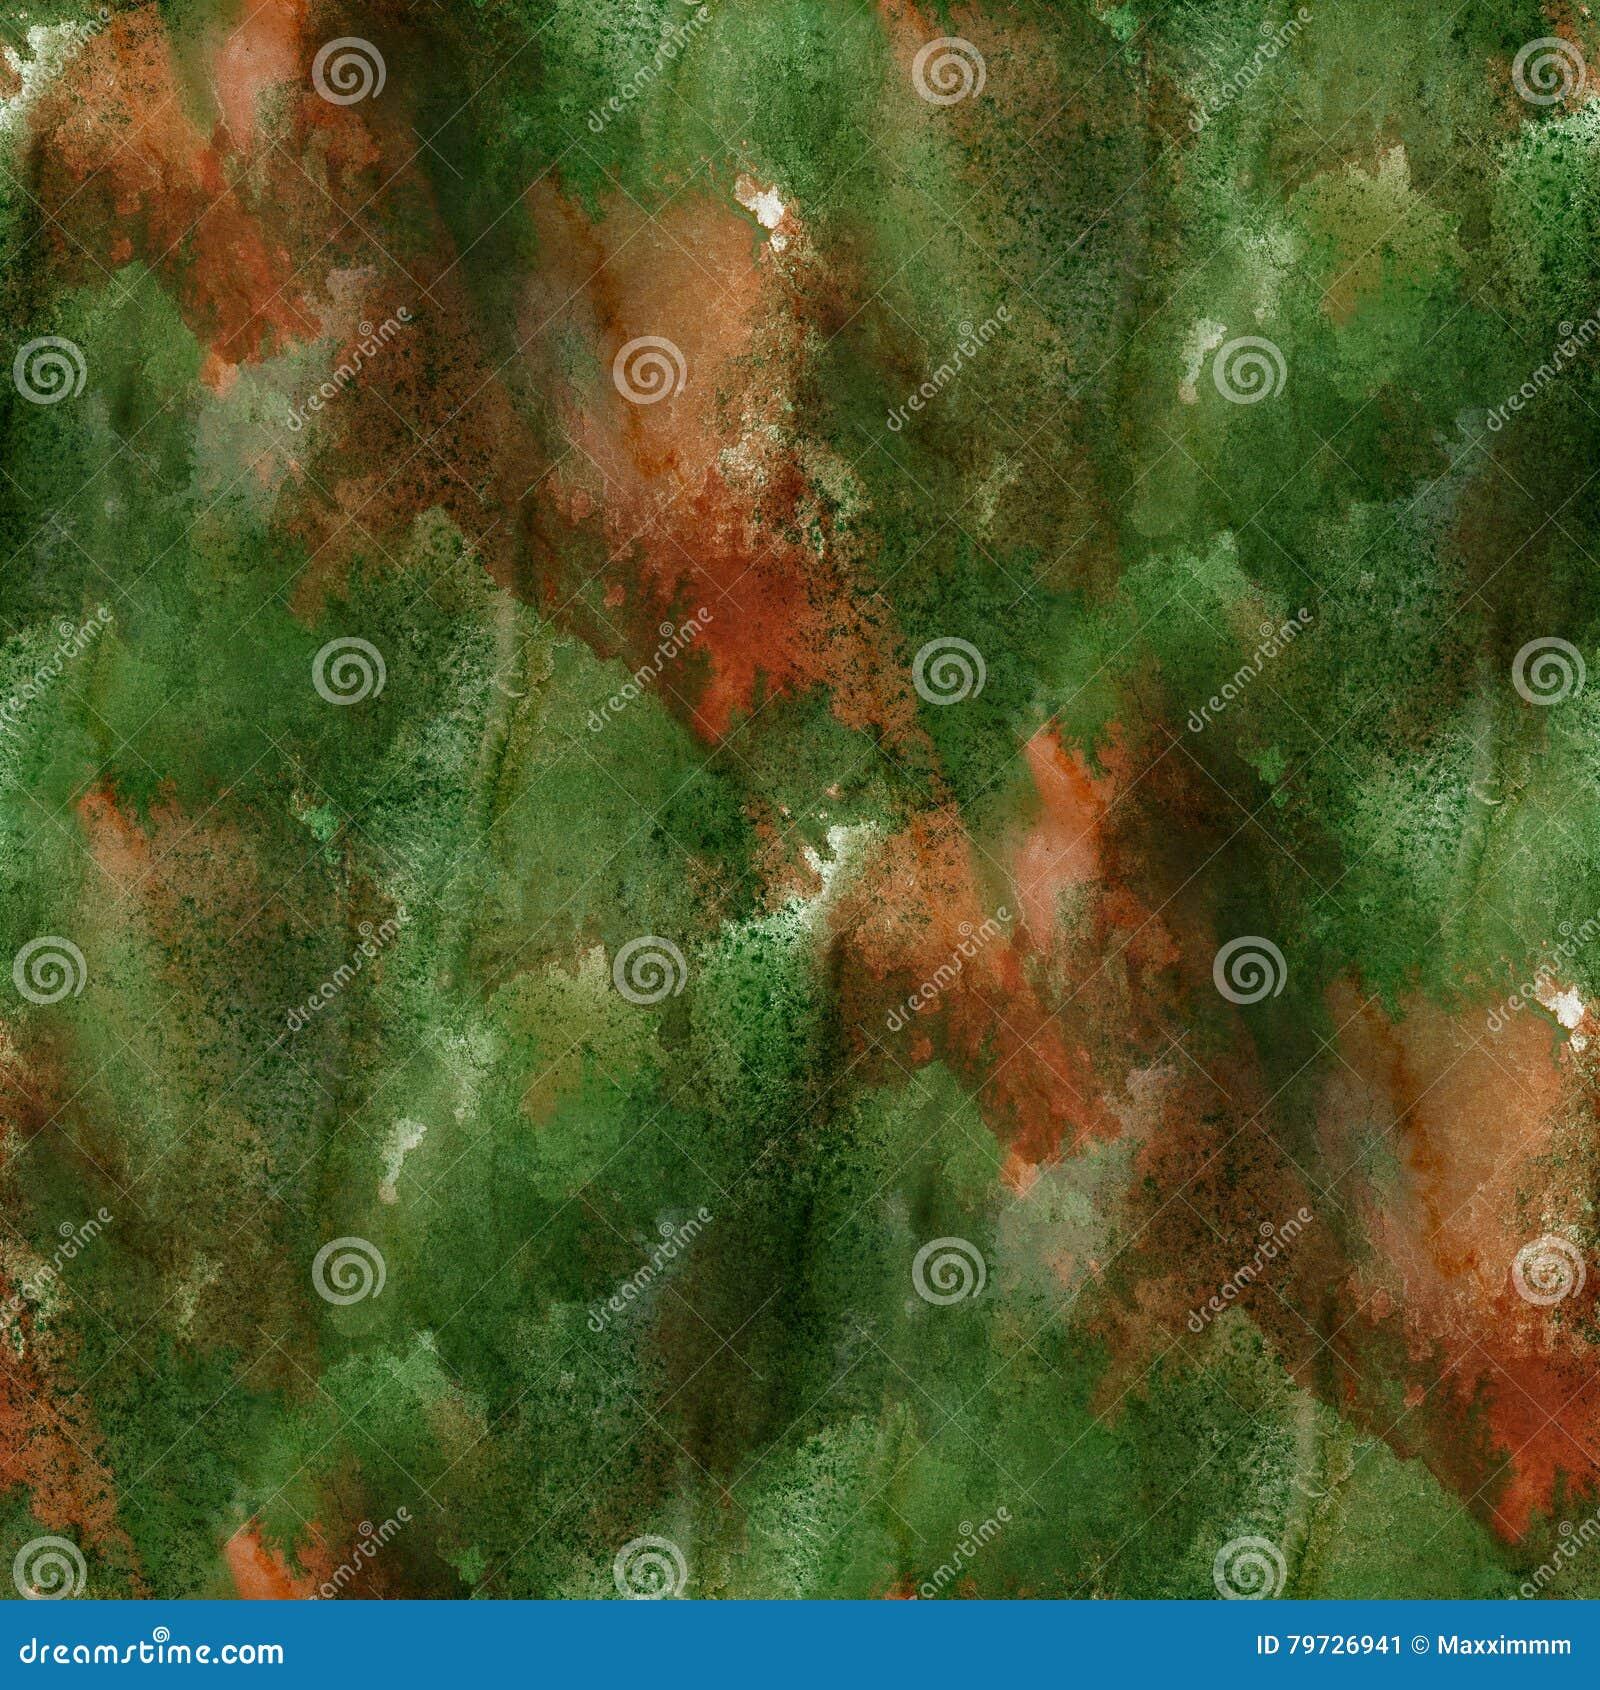 Deslúmbrese de textura inconsútil de la acuarela de la pintura con las manchas marrones verdes y raya arte